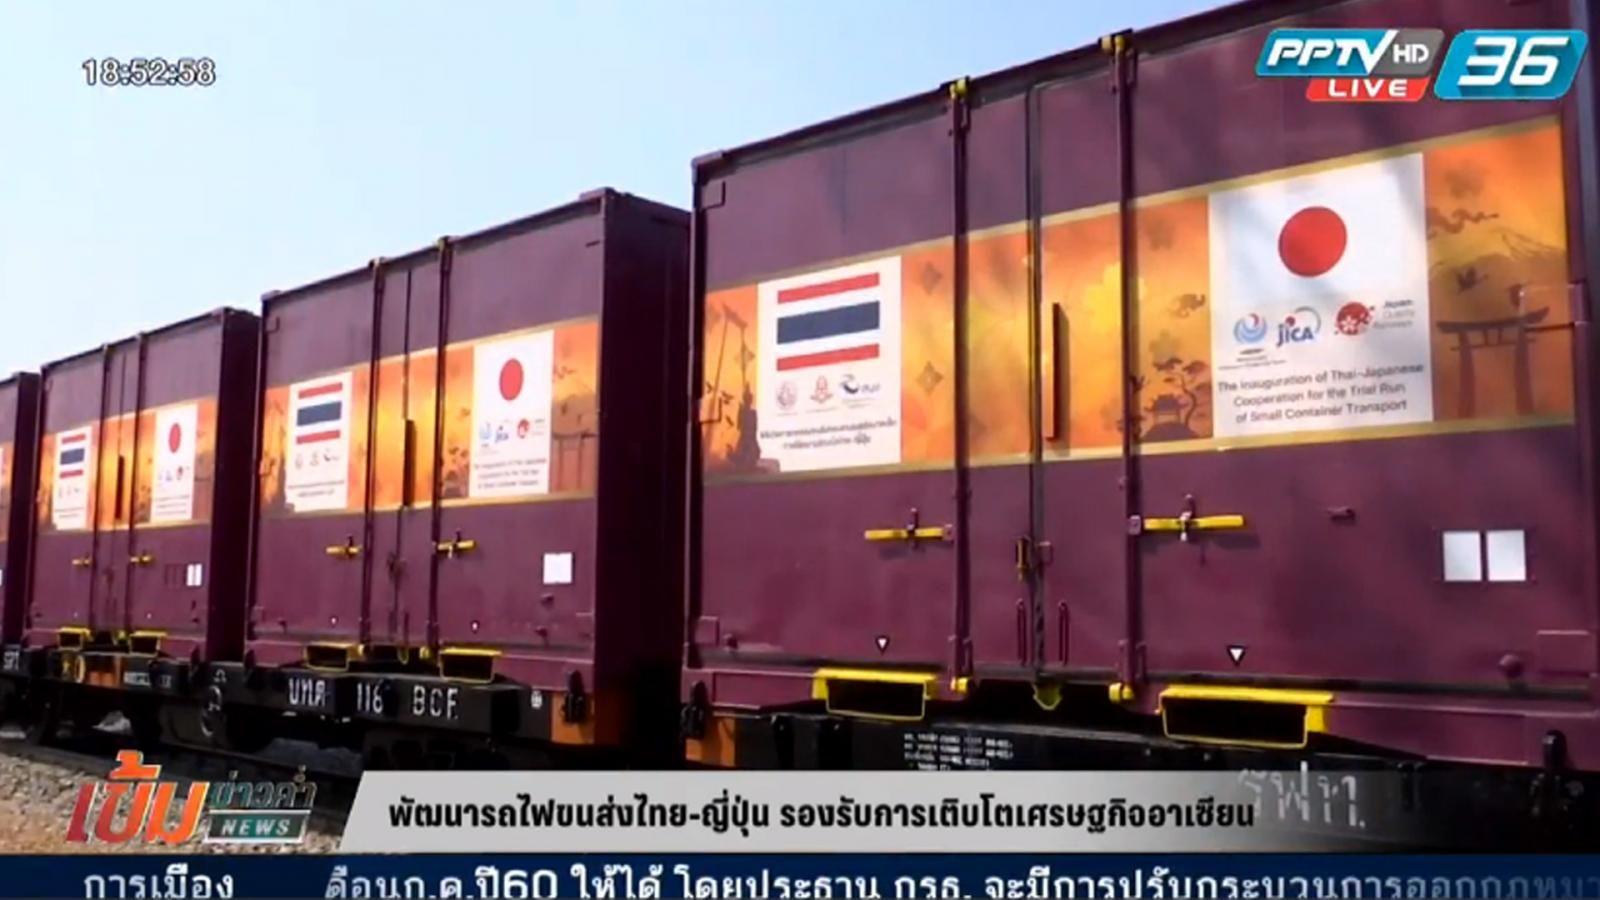 พัฒนารถไฟขนส่งไทย-ญี่ปุ่น รองรับการเติบโตเศรษฐกิจอาเซียน